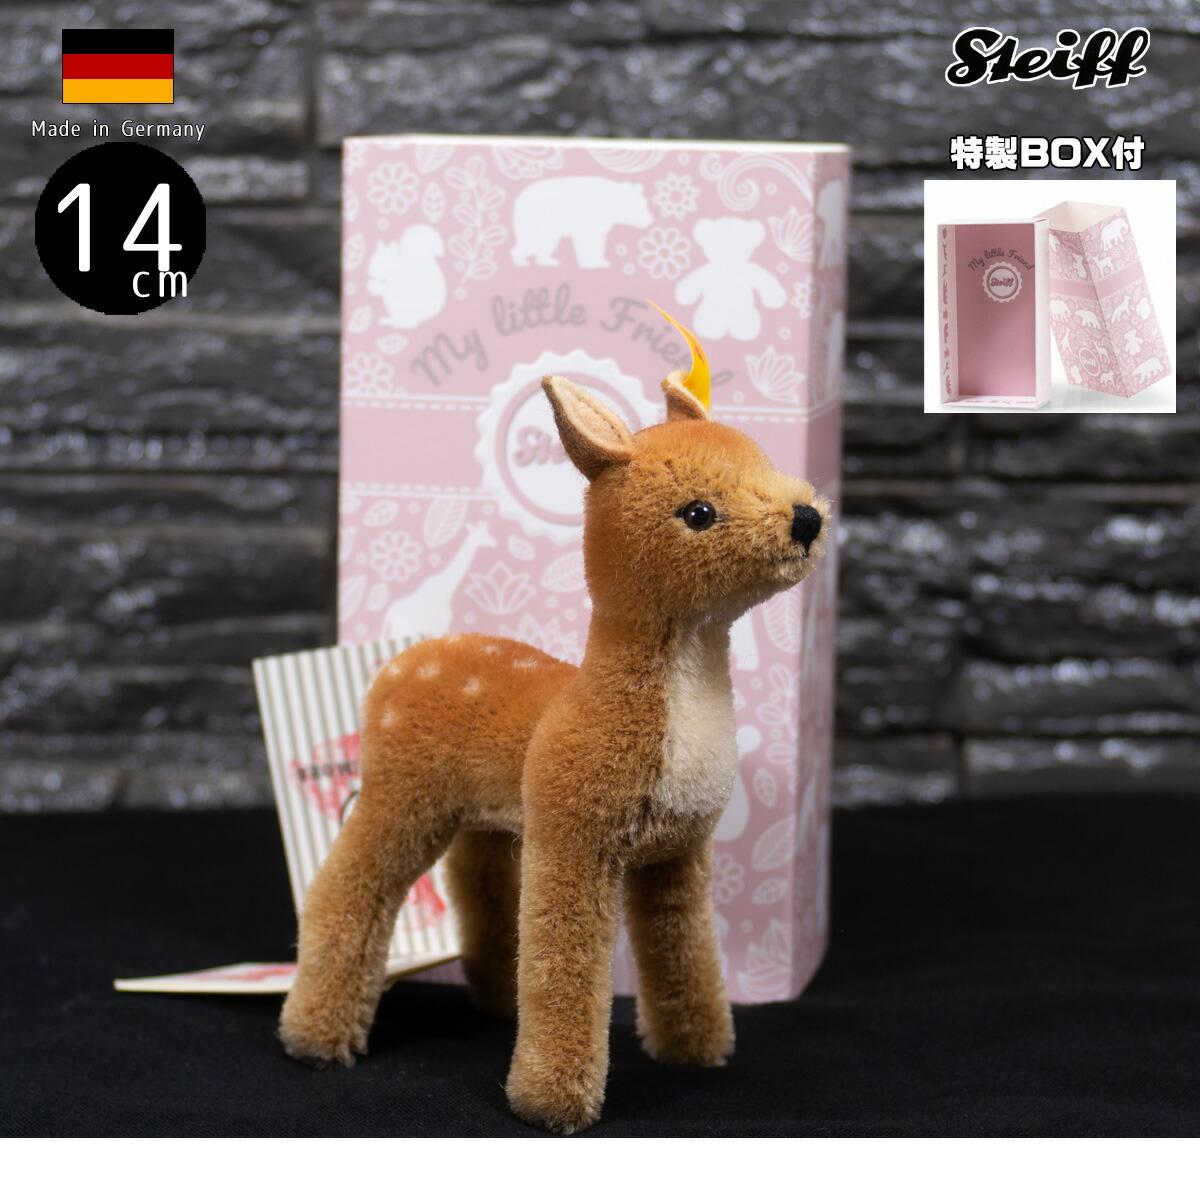 シュタイフ テディベア Steiff ワイルドライフ 小鹿 14cm fawn in gift box